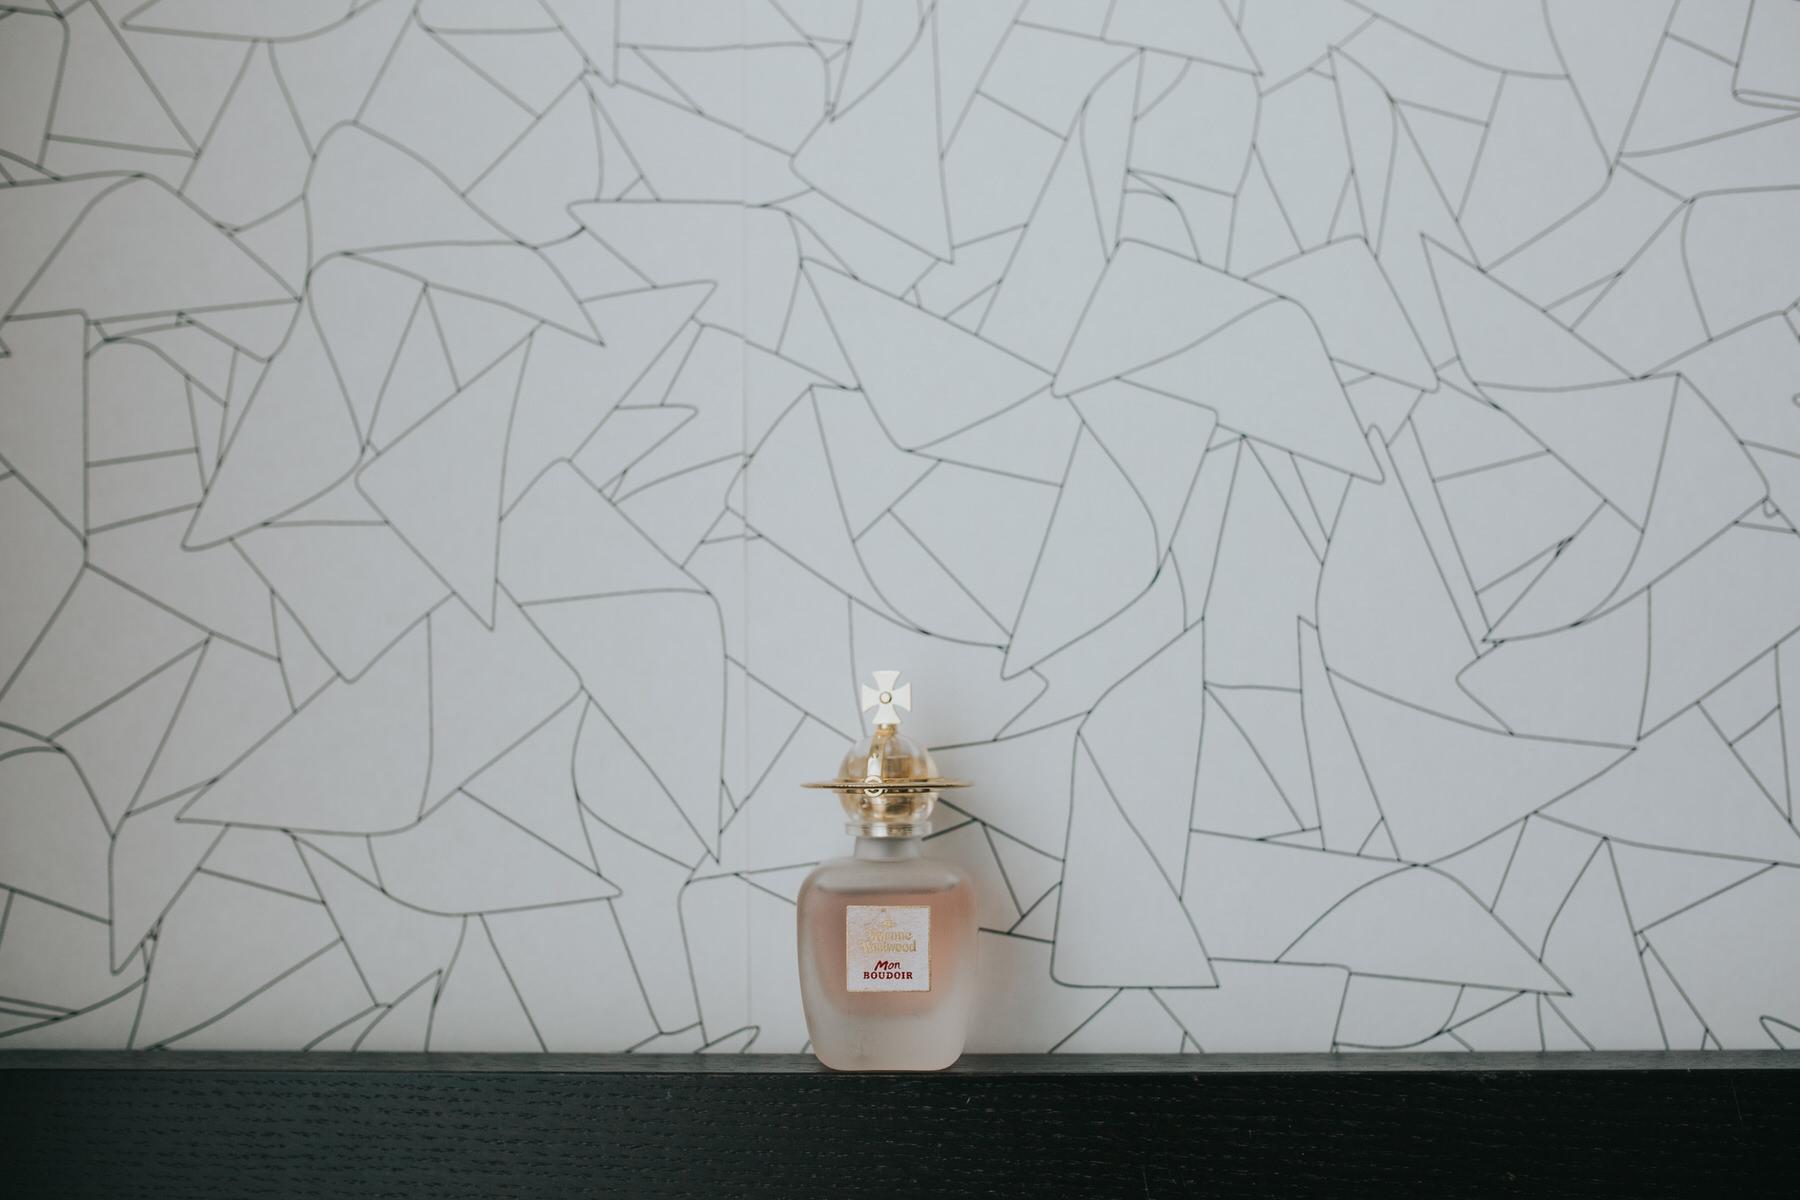 Vivienne westwood perfume bridal preparations graphic wallpaper.jpg